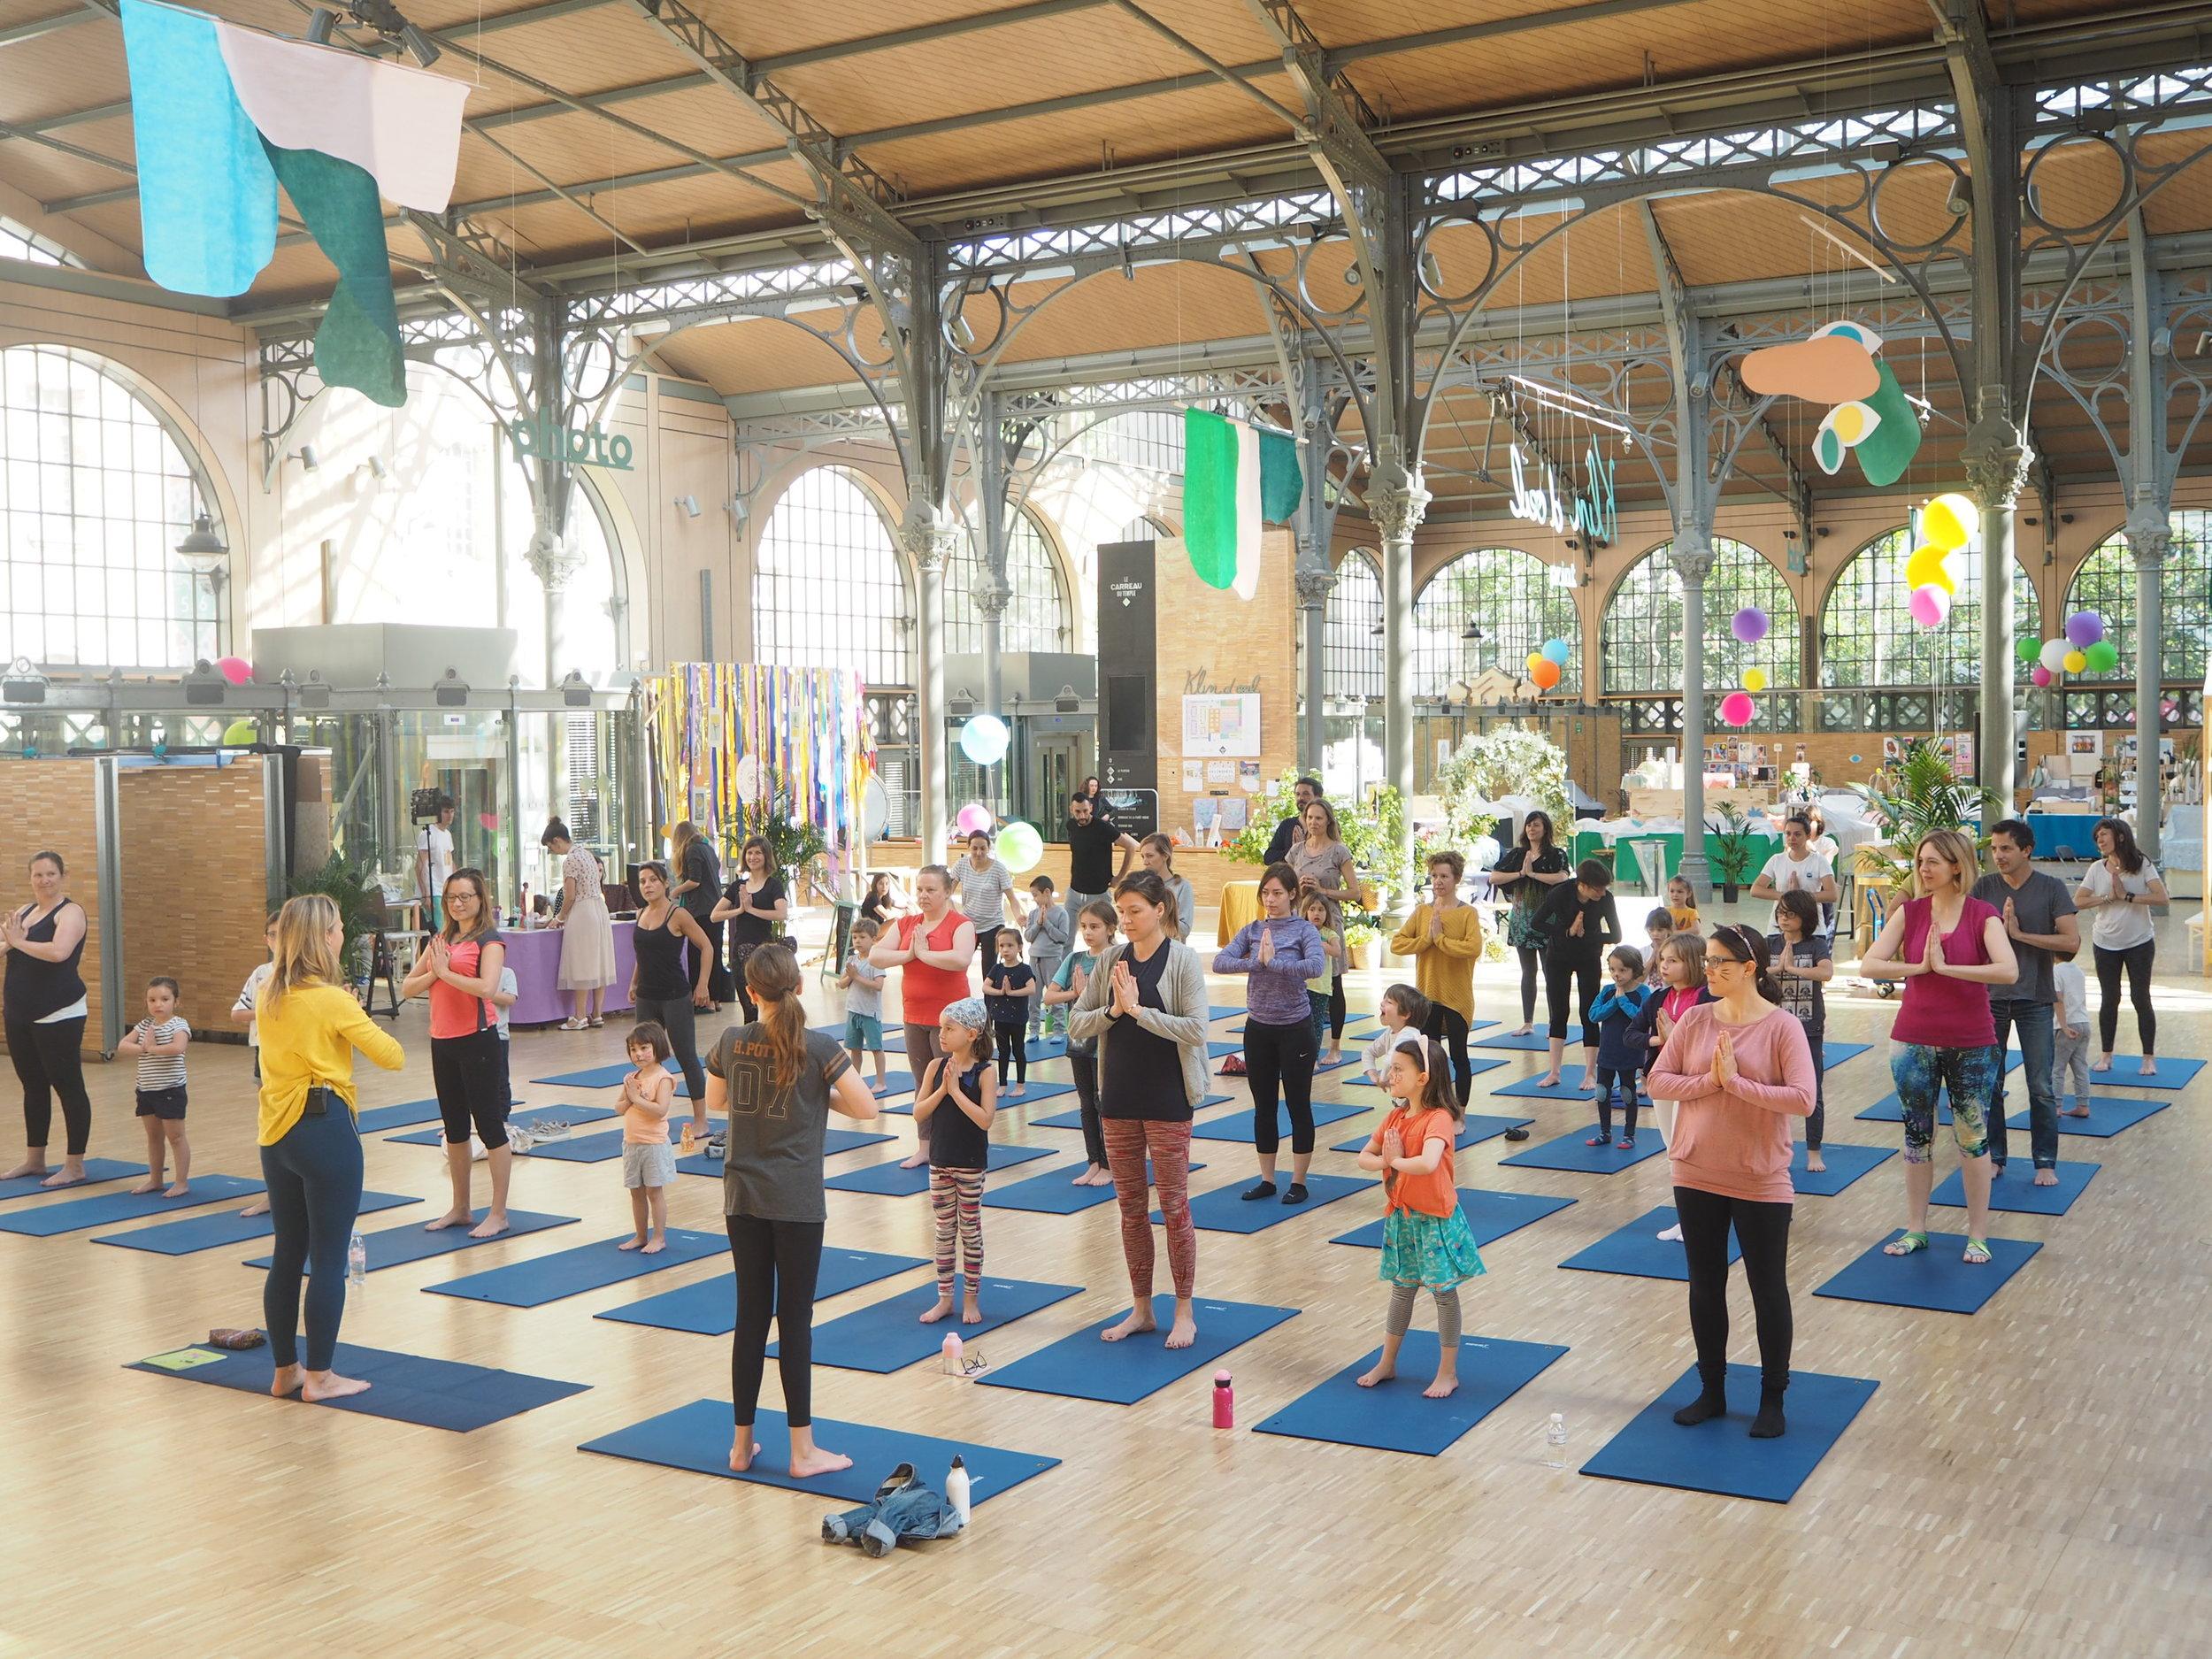 YOGAMINI PARENTS / ENFANTS - Une séance de yoga géante insolite !Venez en famille partager un moment de détente ludique autour de postures simples de yoga, pratiquées en pleine conscience. La séance sera conduite par Ulrika Dezé. Pour les enfants à partir de 5 ans accompagnés de leur(s) parent(s). Tarif 10 euros par personne.DIM 9 déc de 10h à 10h45www.yogamini.fr